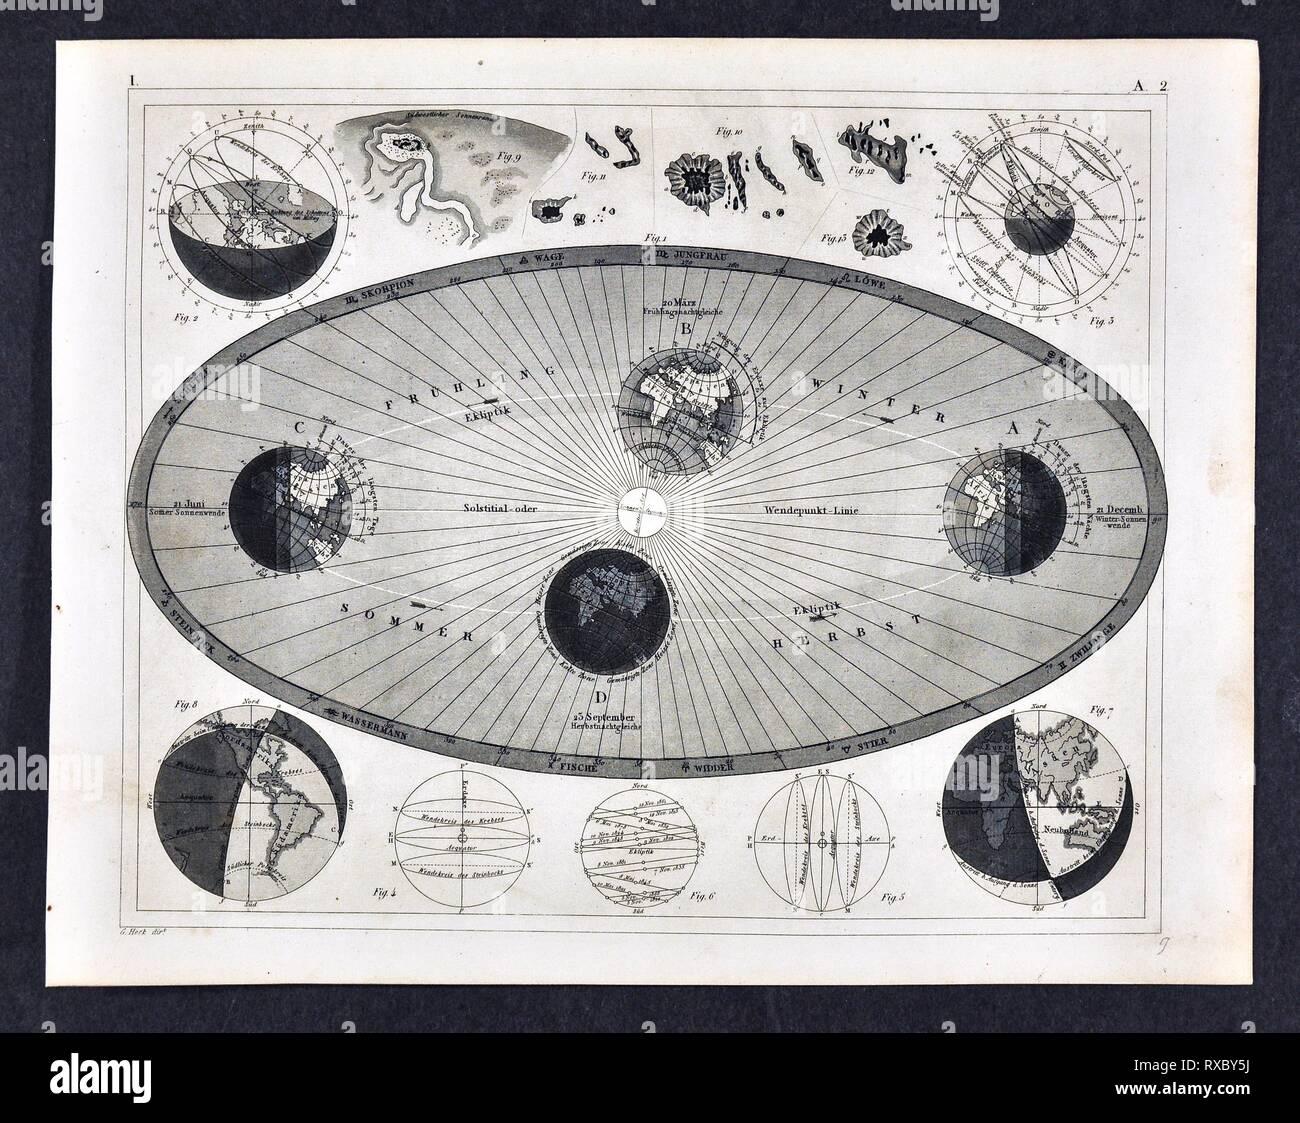 1849 Bilder Astronomía Imprimir mostrando la rotación de la tierra y el efecto de las estaciones y el clima Imagen De Stock